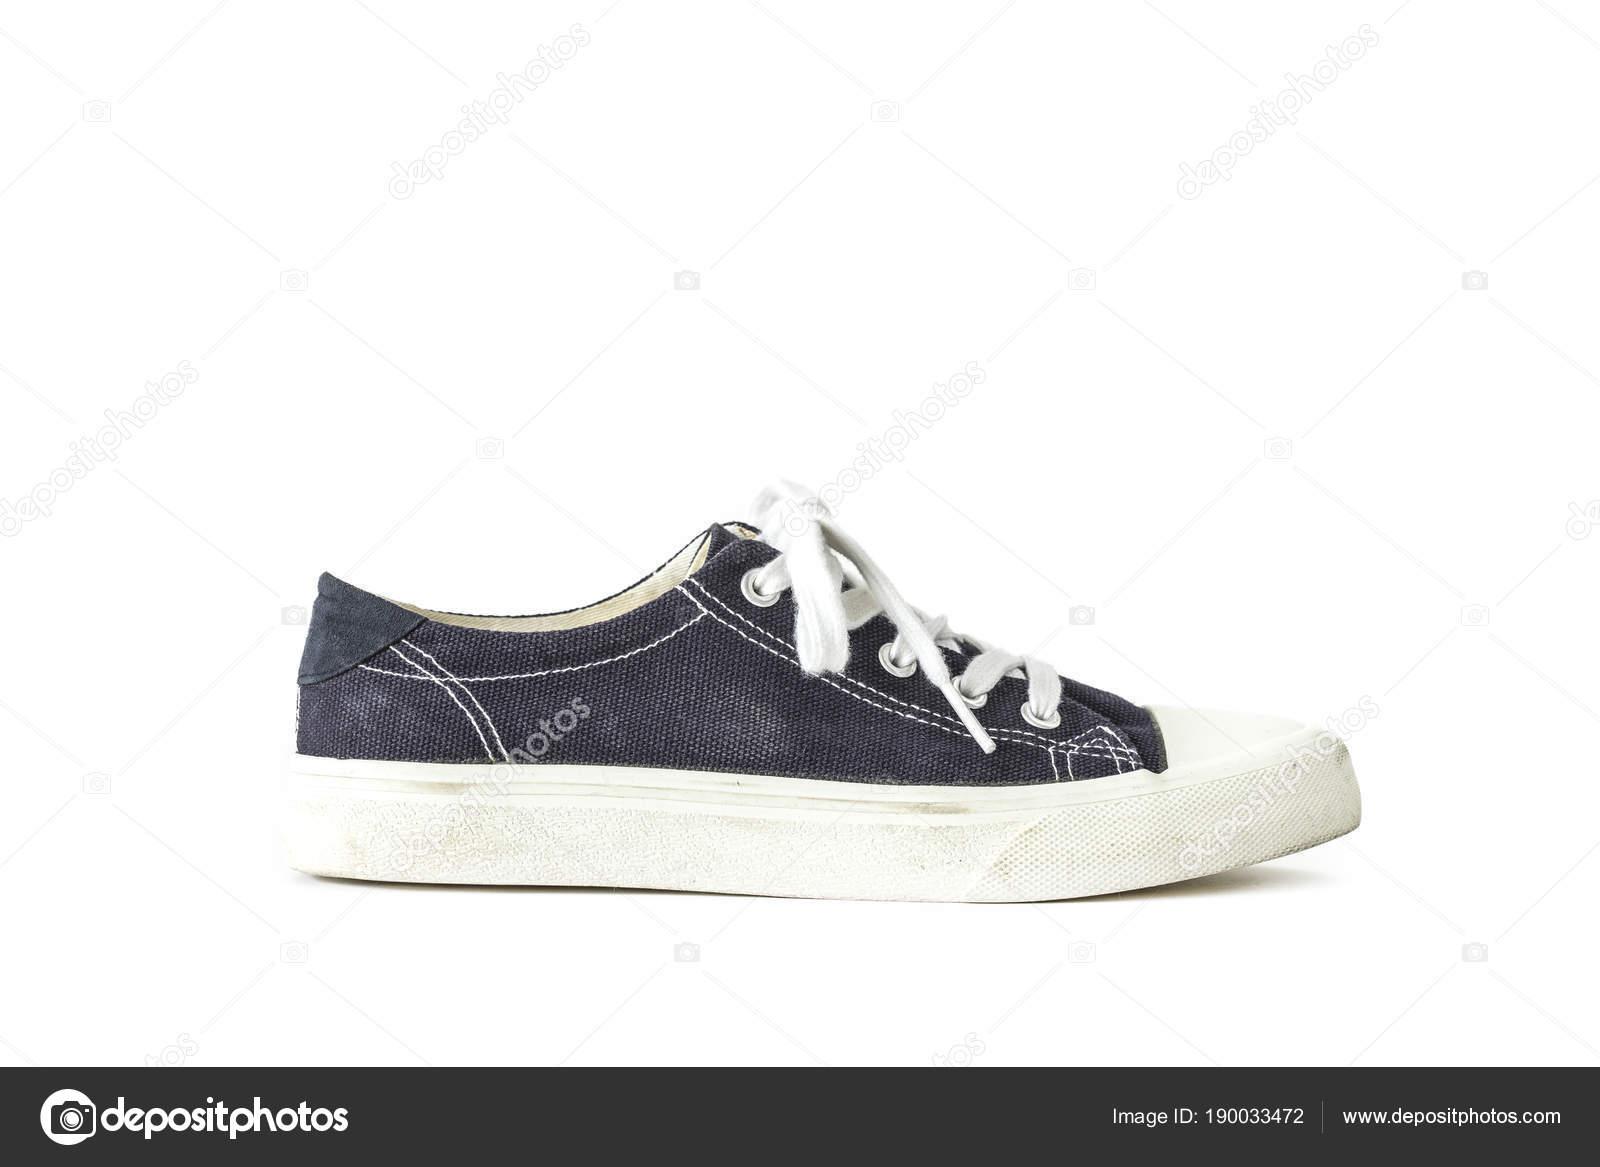 Bianco Isolato Pizzo Sneaker Unisex Fondo Scarpe Blu Scuro Sportive YxZ6Cqqw8